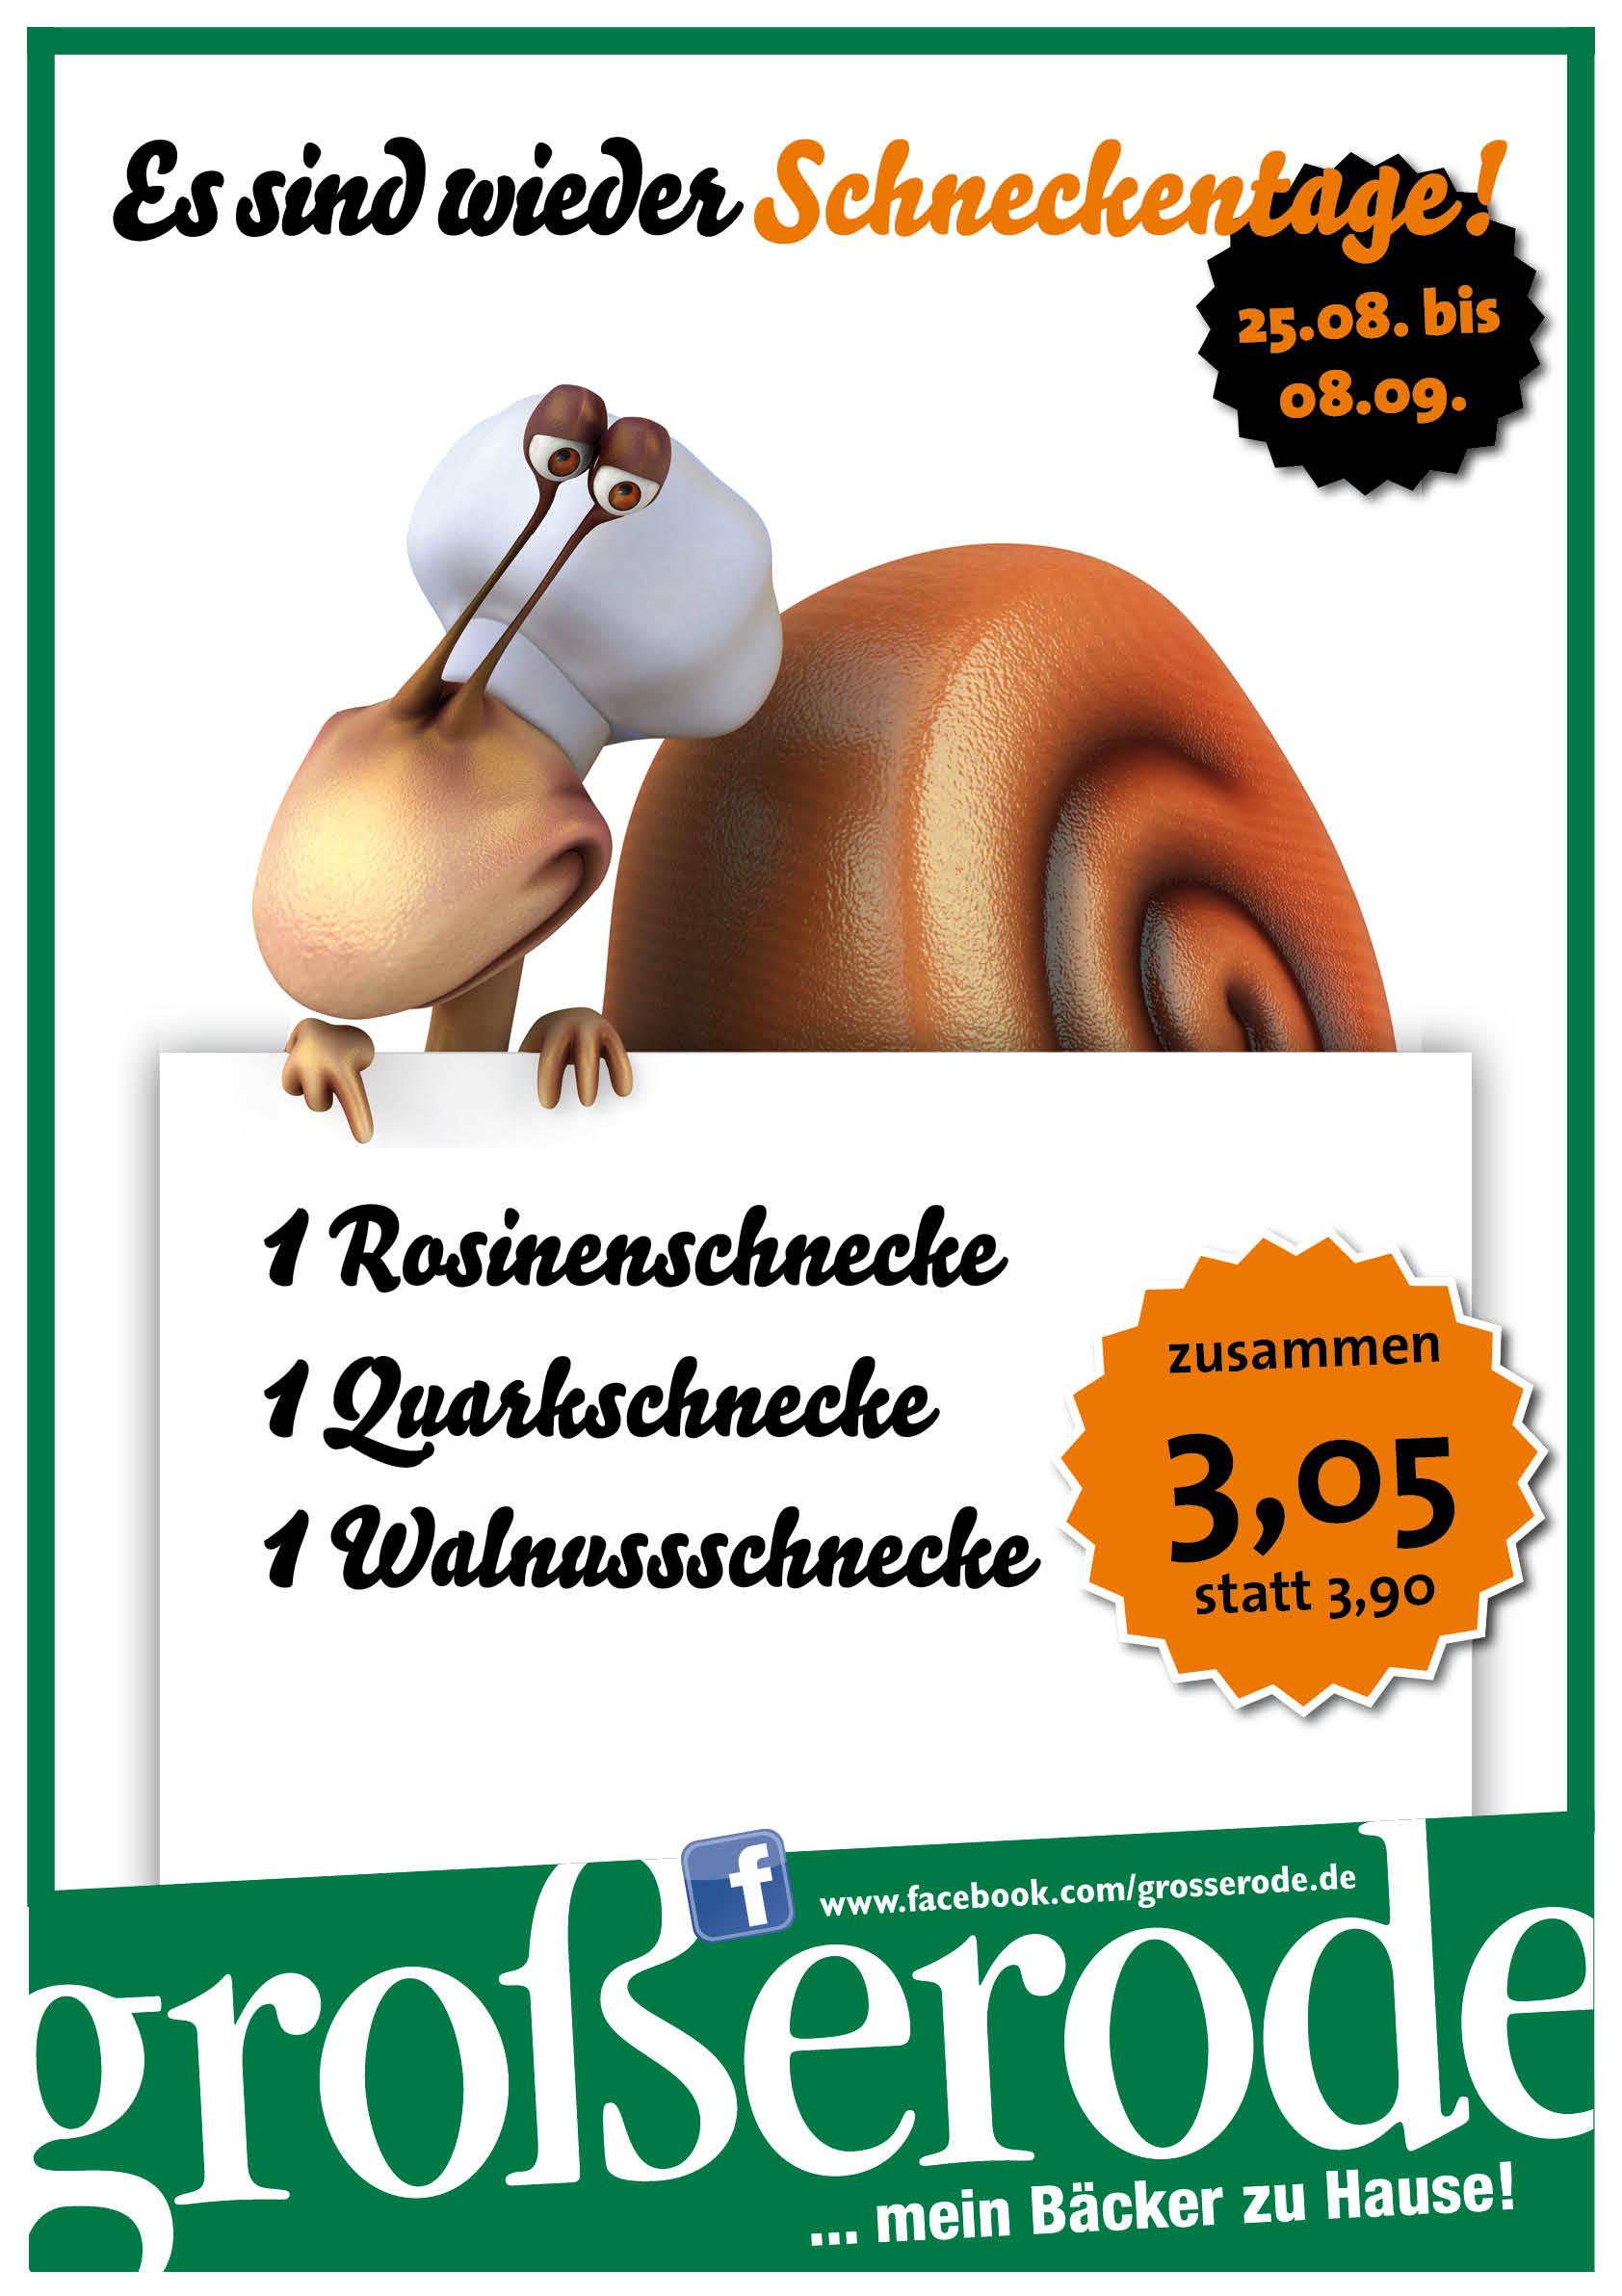 20140723_Grosserode_Schneckentage_Web2.jpg